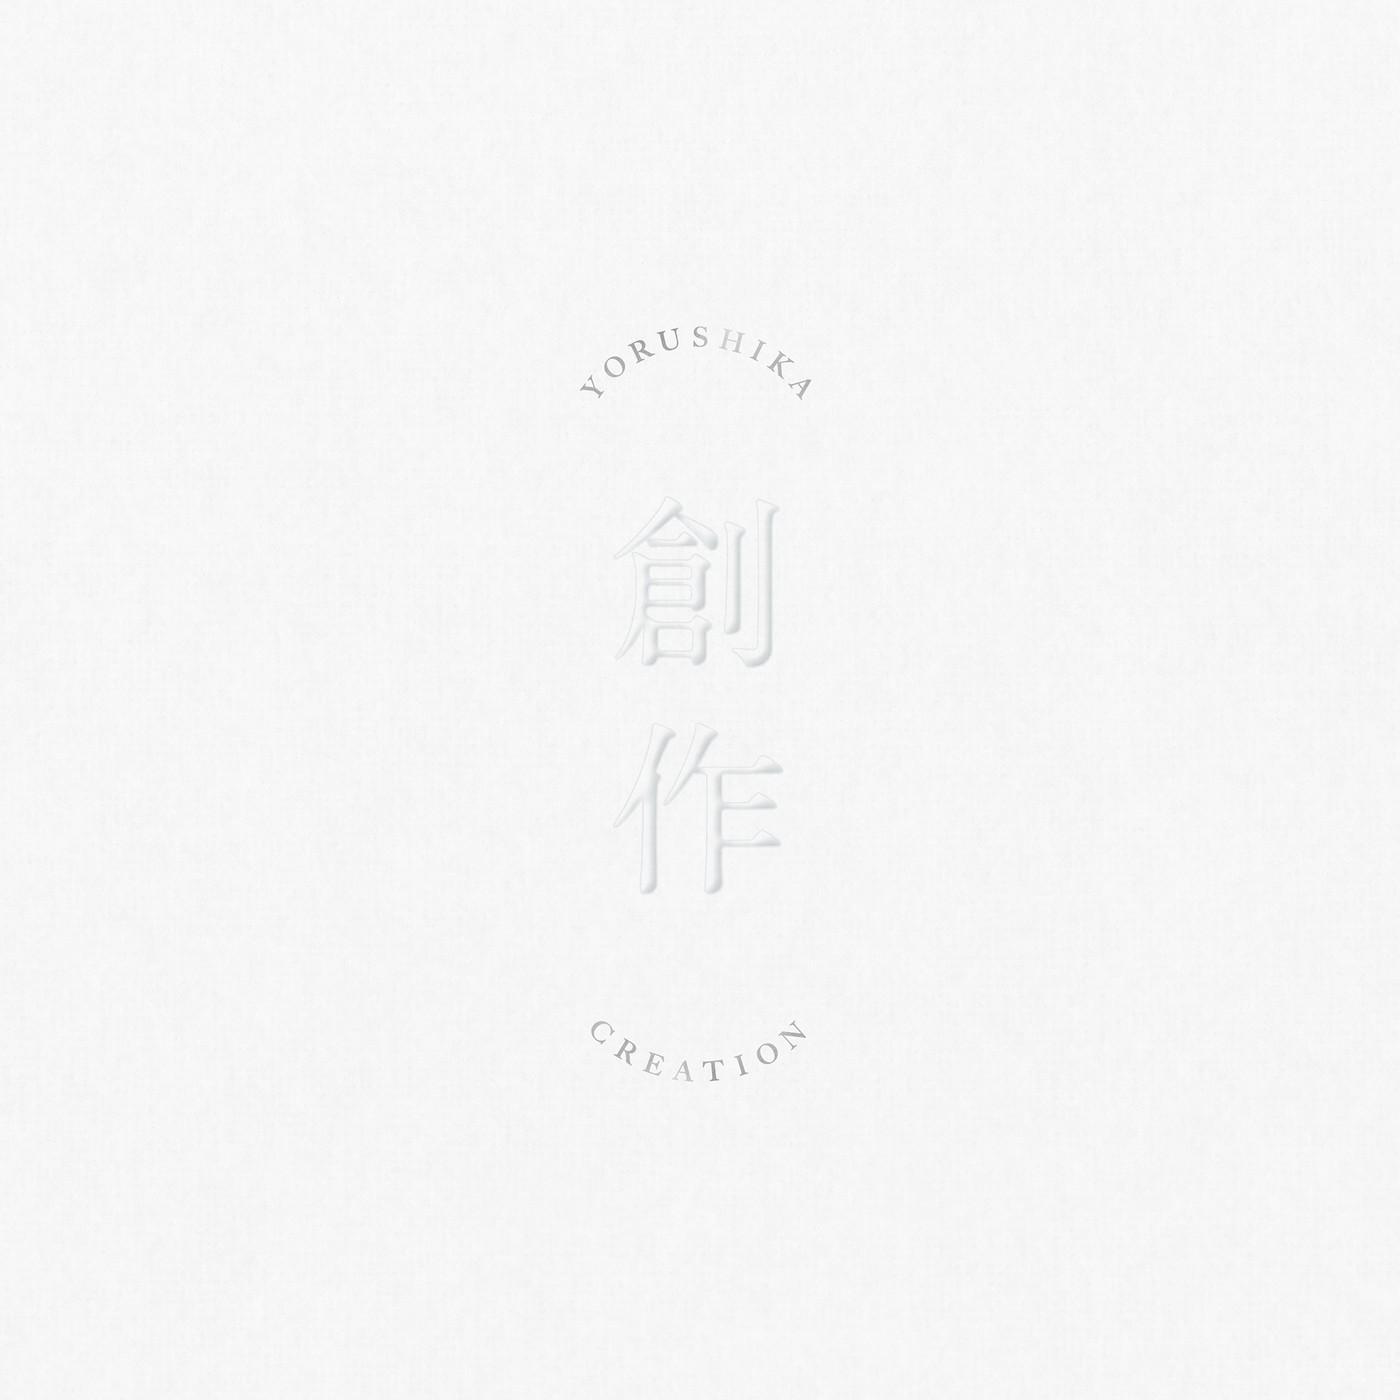 ヨルシカ (Yorushika) – 創作 [24bit Lossless + MP3 320 / WEB] [2021.01.27]